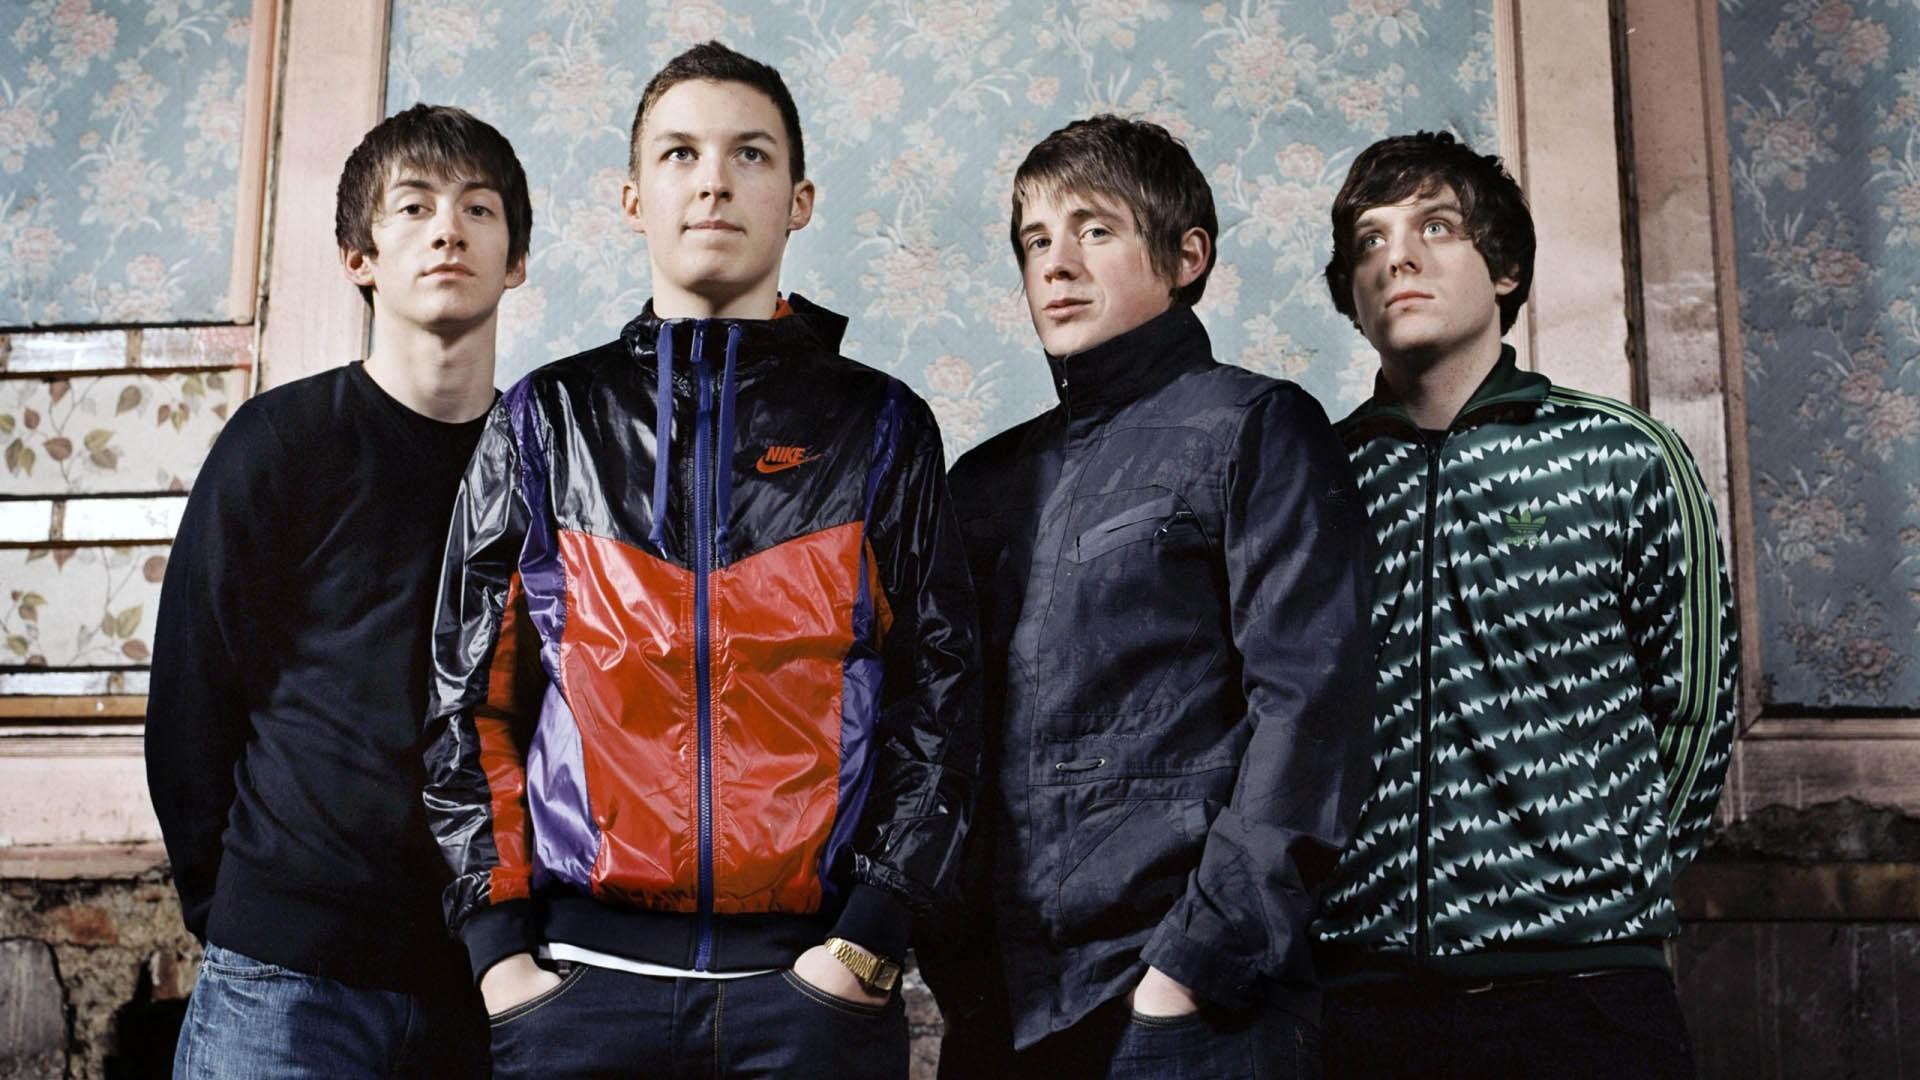 Arctic-Monkeys-band-1080x1920